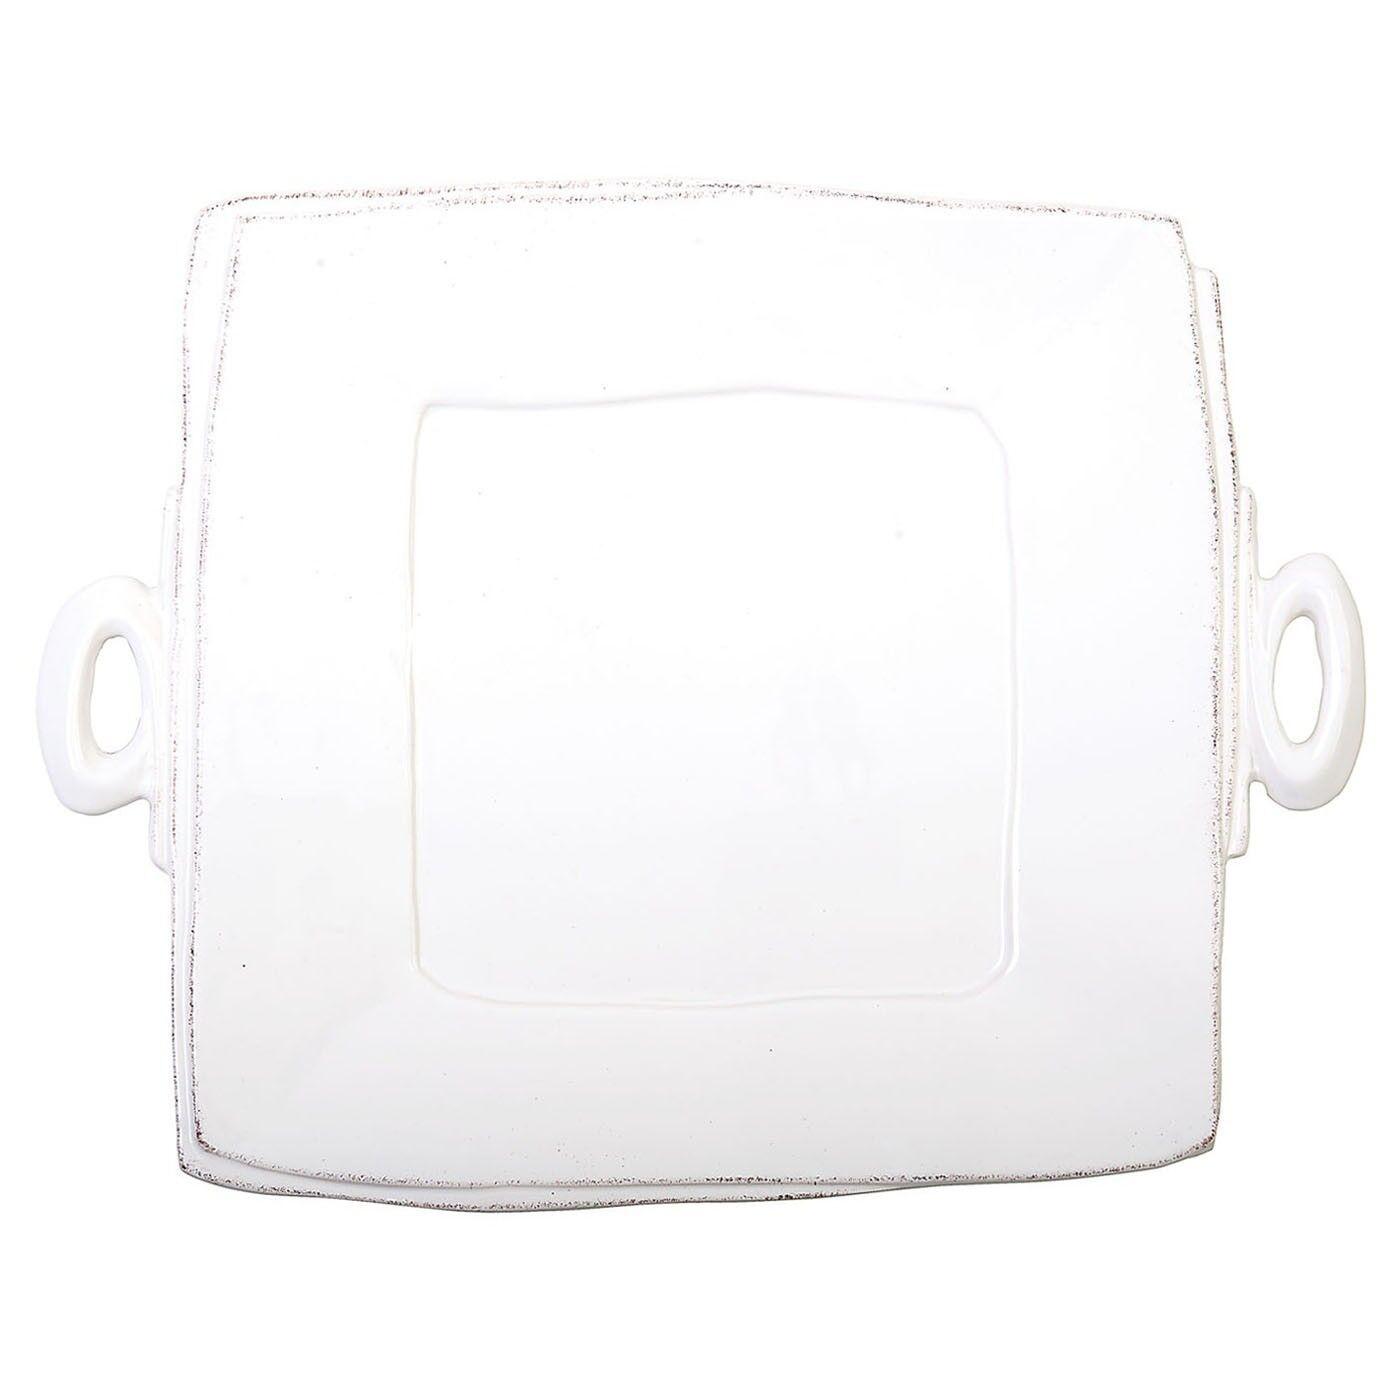 Vietri Lastra White Handled Square Platter